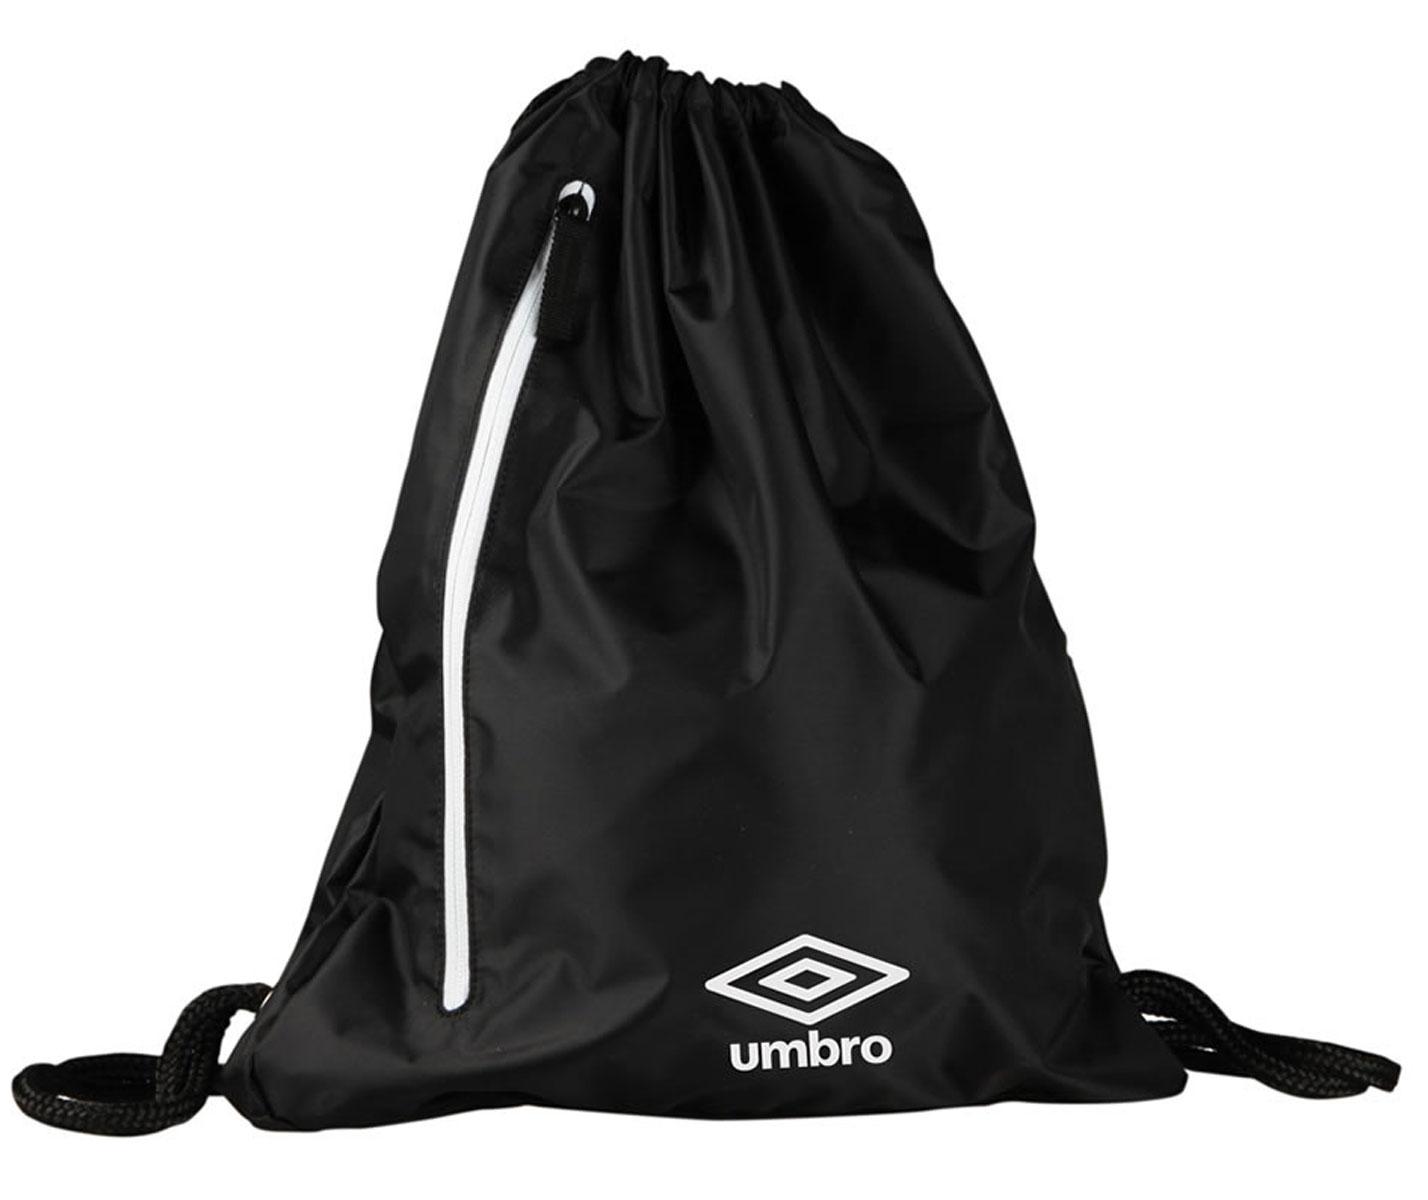 Рюкзак спортивный Umbro Gymsack, цвет: черный, белый. Размер M. 30400U30400U